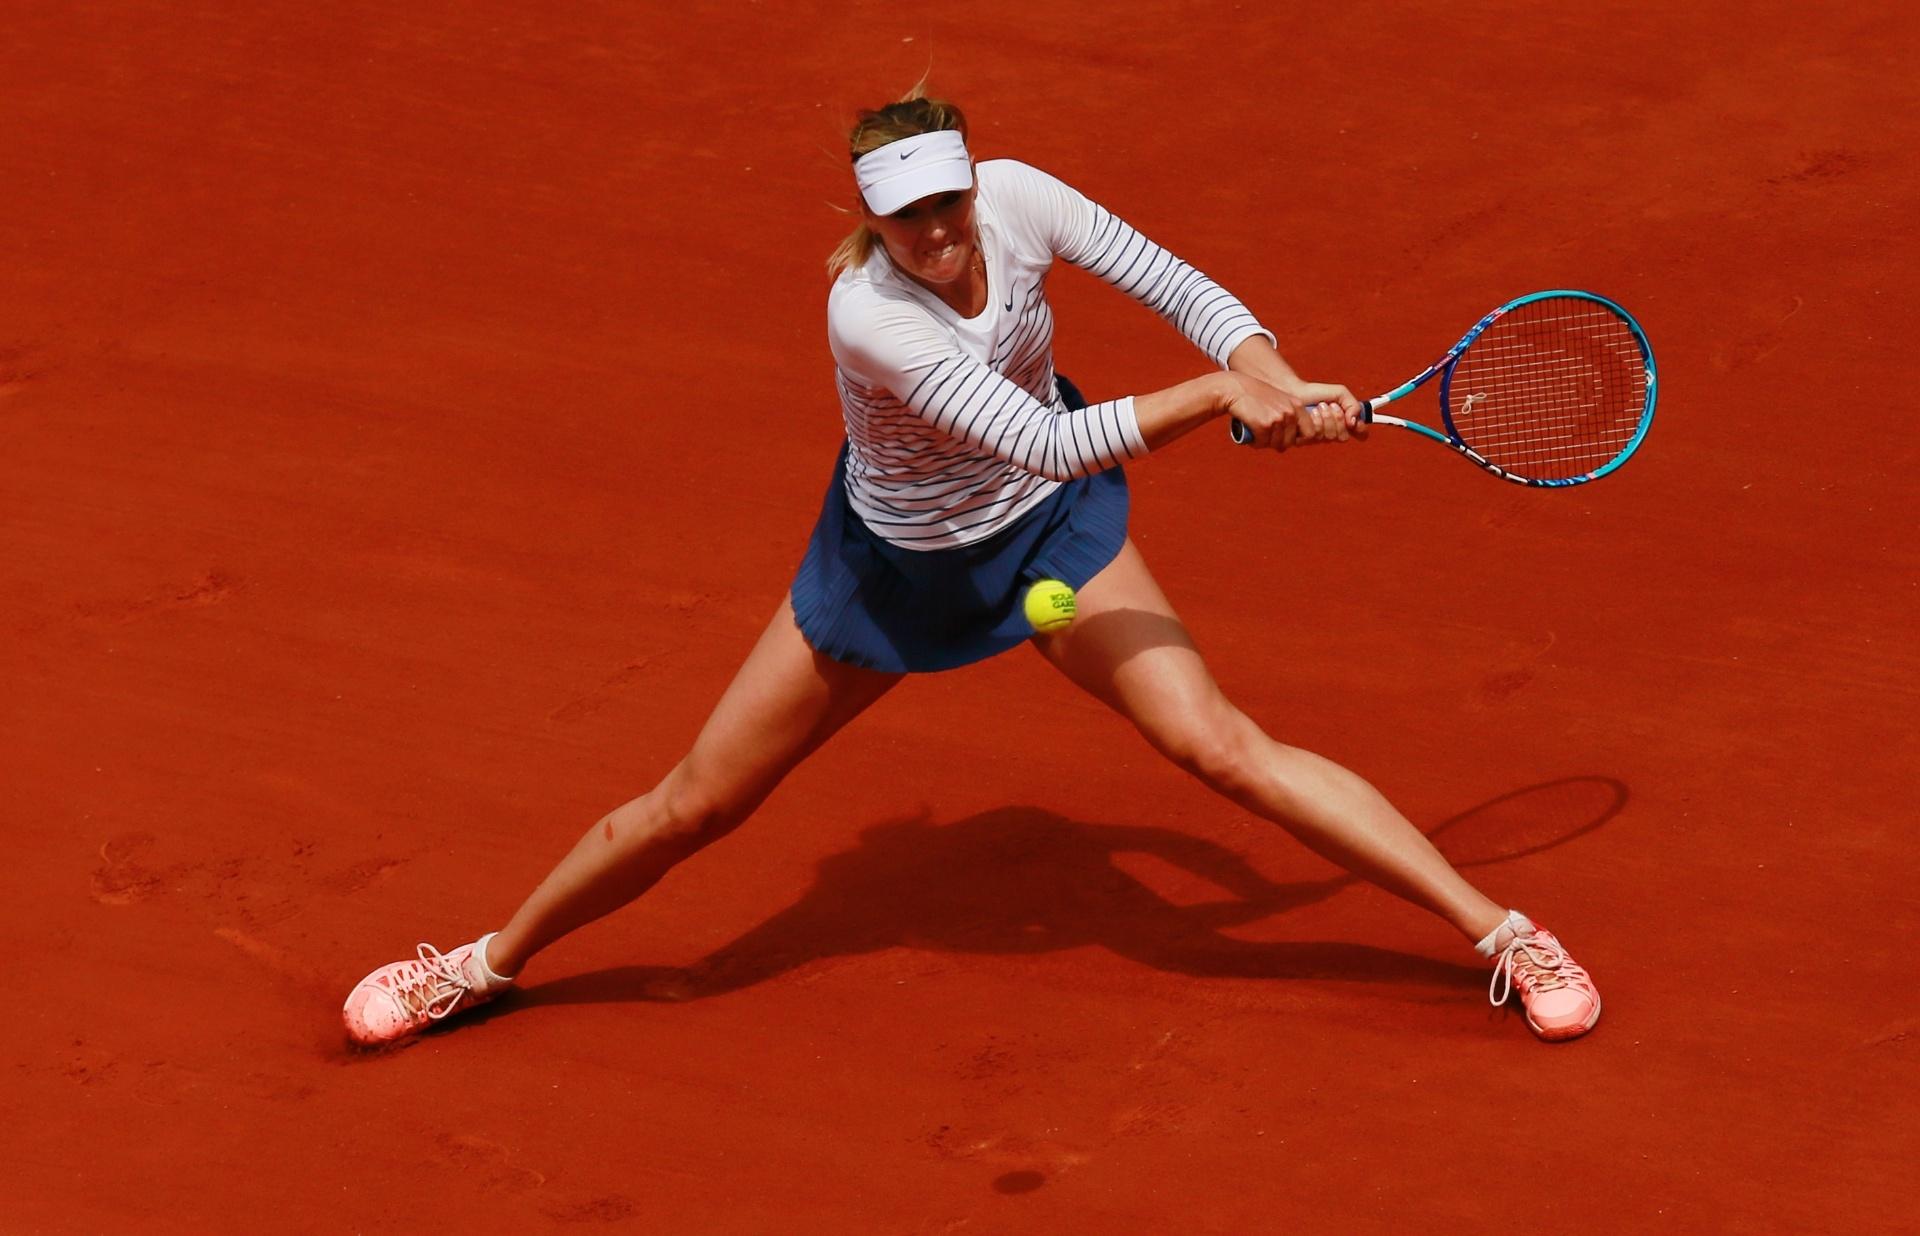 Veja imagens da tenista russa maria sharapova bol fotos for Porte x roland garros